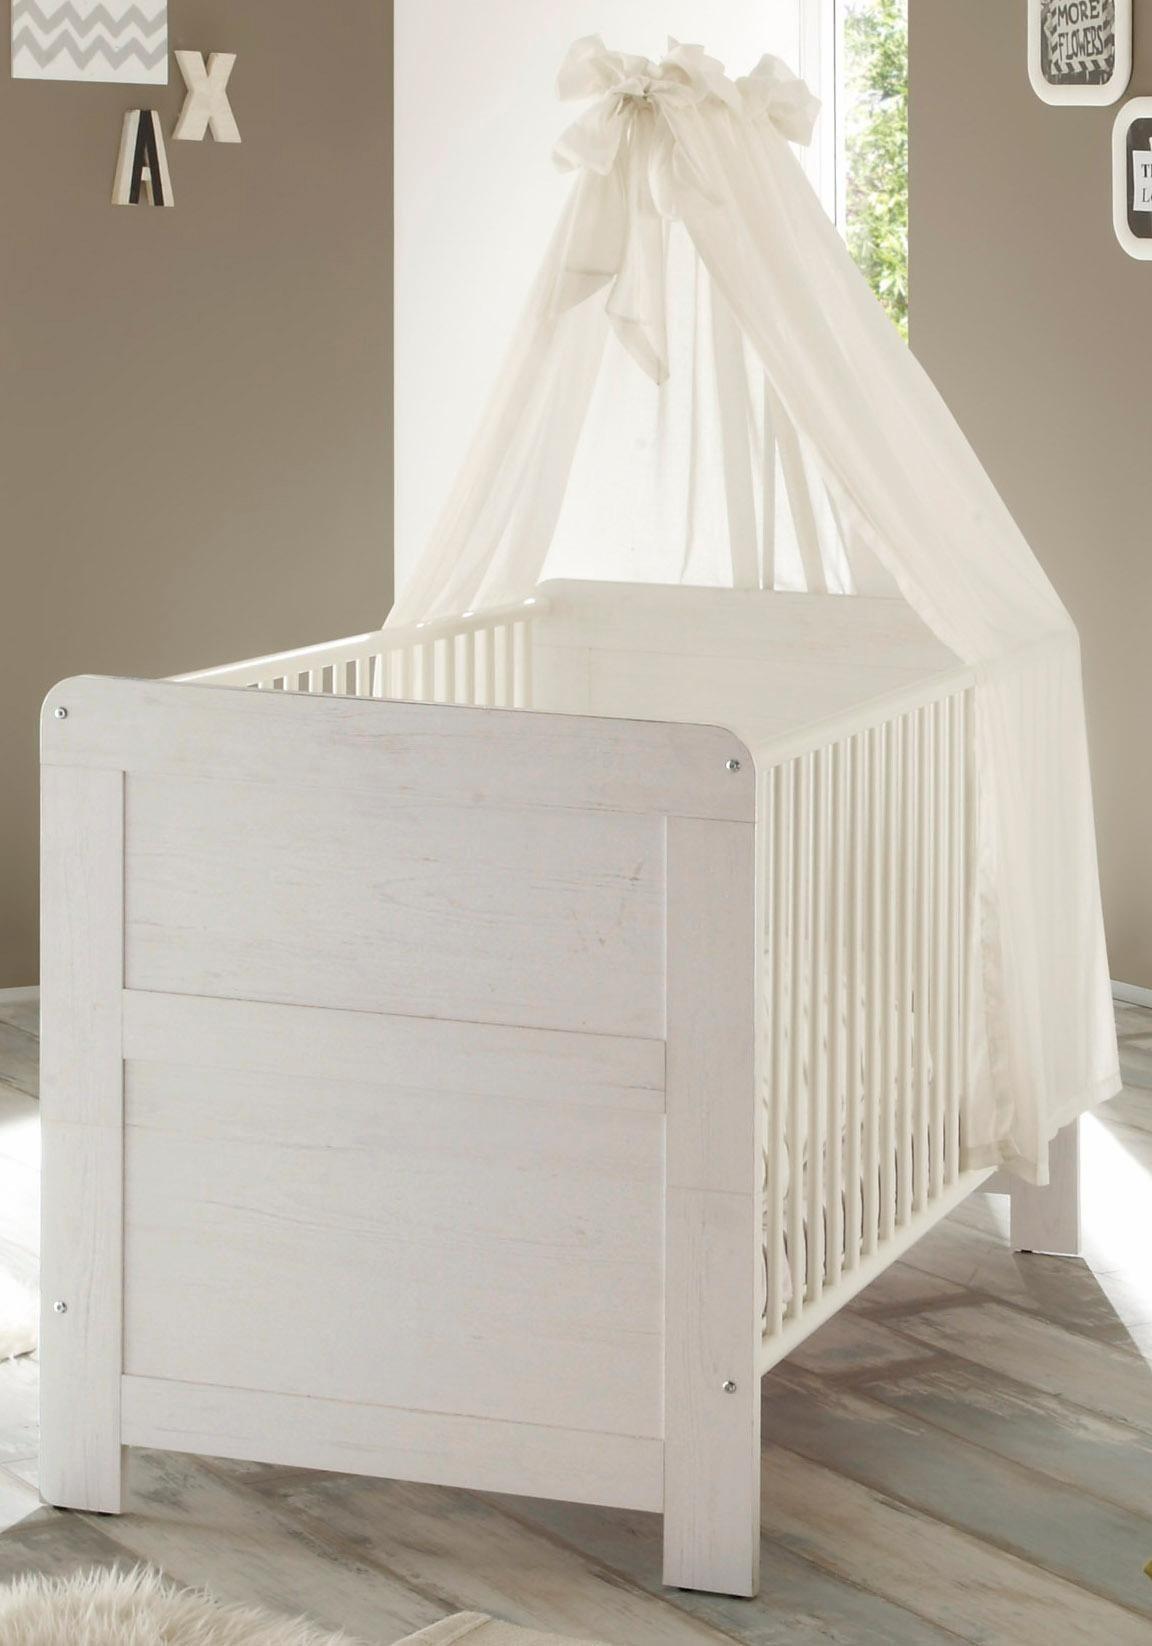 Babybett passend zur Babymöbel Serie »Landhaus« in pinie NB/weiß   Kinderzimmer > Babymöbel > Babybetten & Babywiegen   Pinie - Weiß   Pinie - Nachbildung